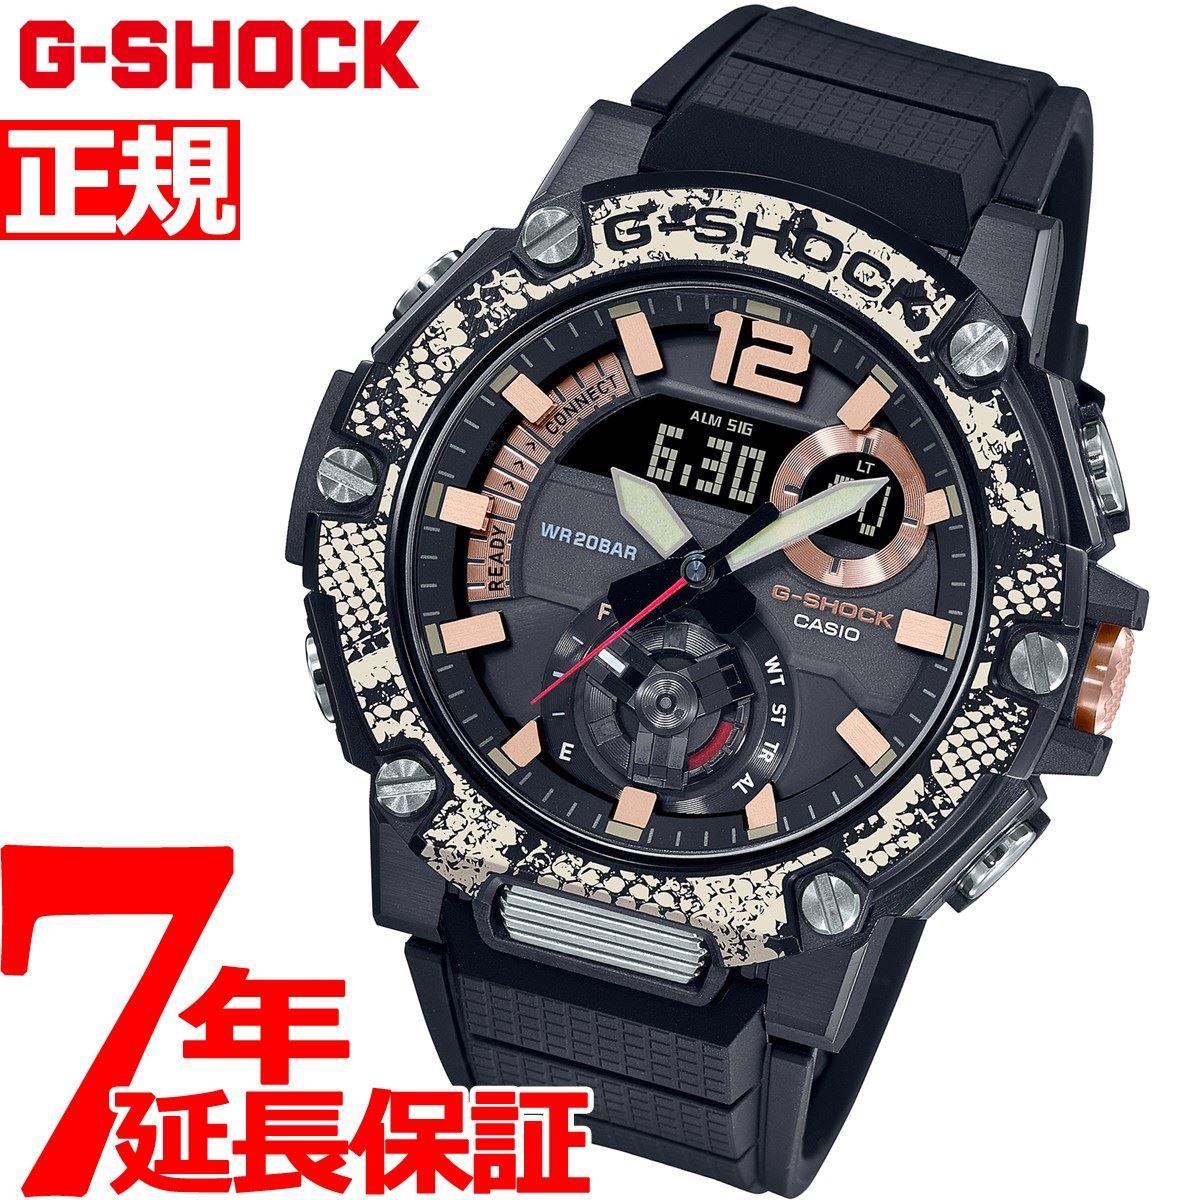 腕時計, メンズ腕時計 502000OFF6352359G-SHOCK G-STEEL G G CASIO WILDLIFE PROMISING Love The Sea And The Earth GST-B300WLP-1AJR2020